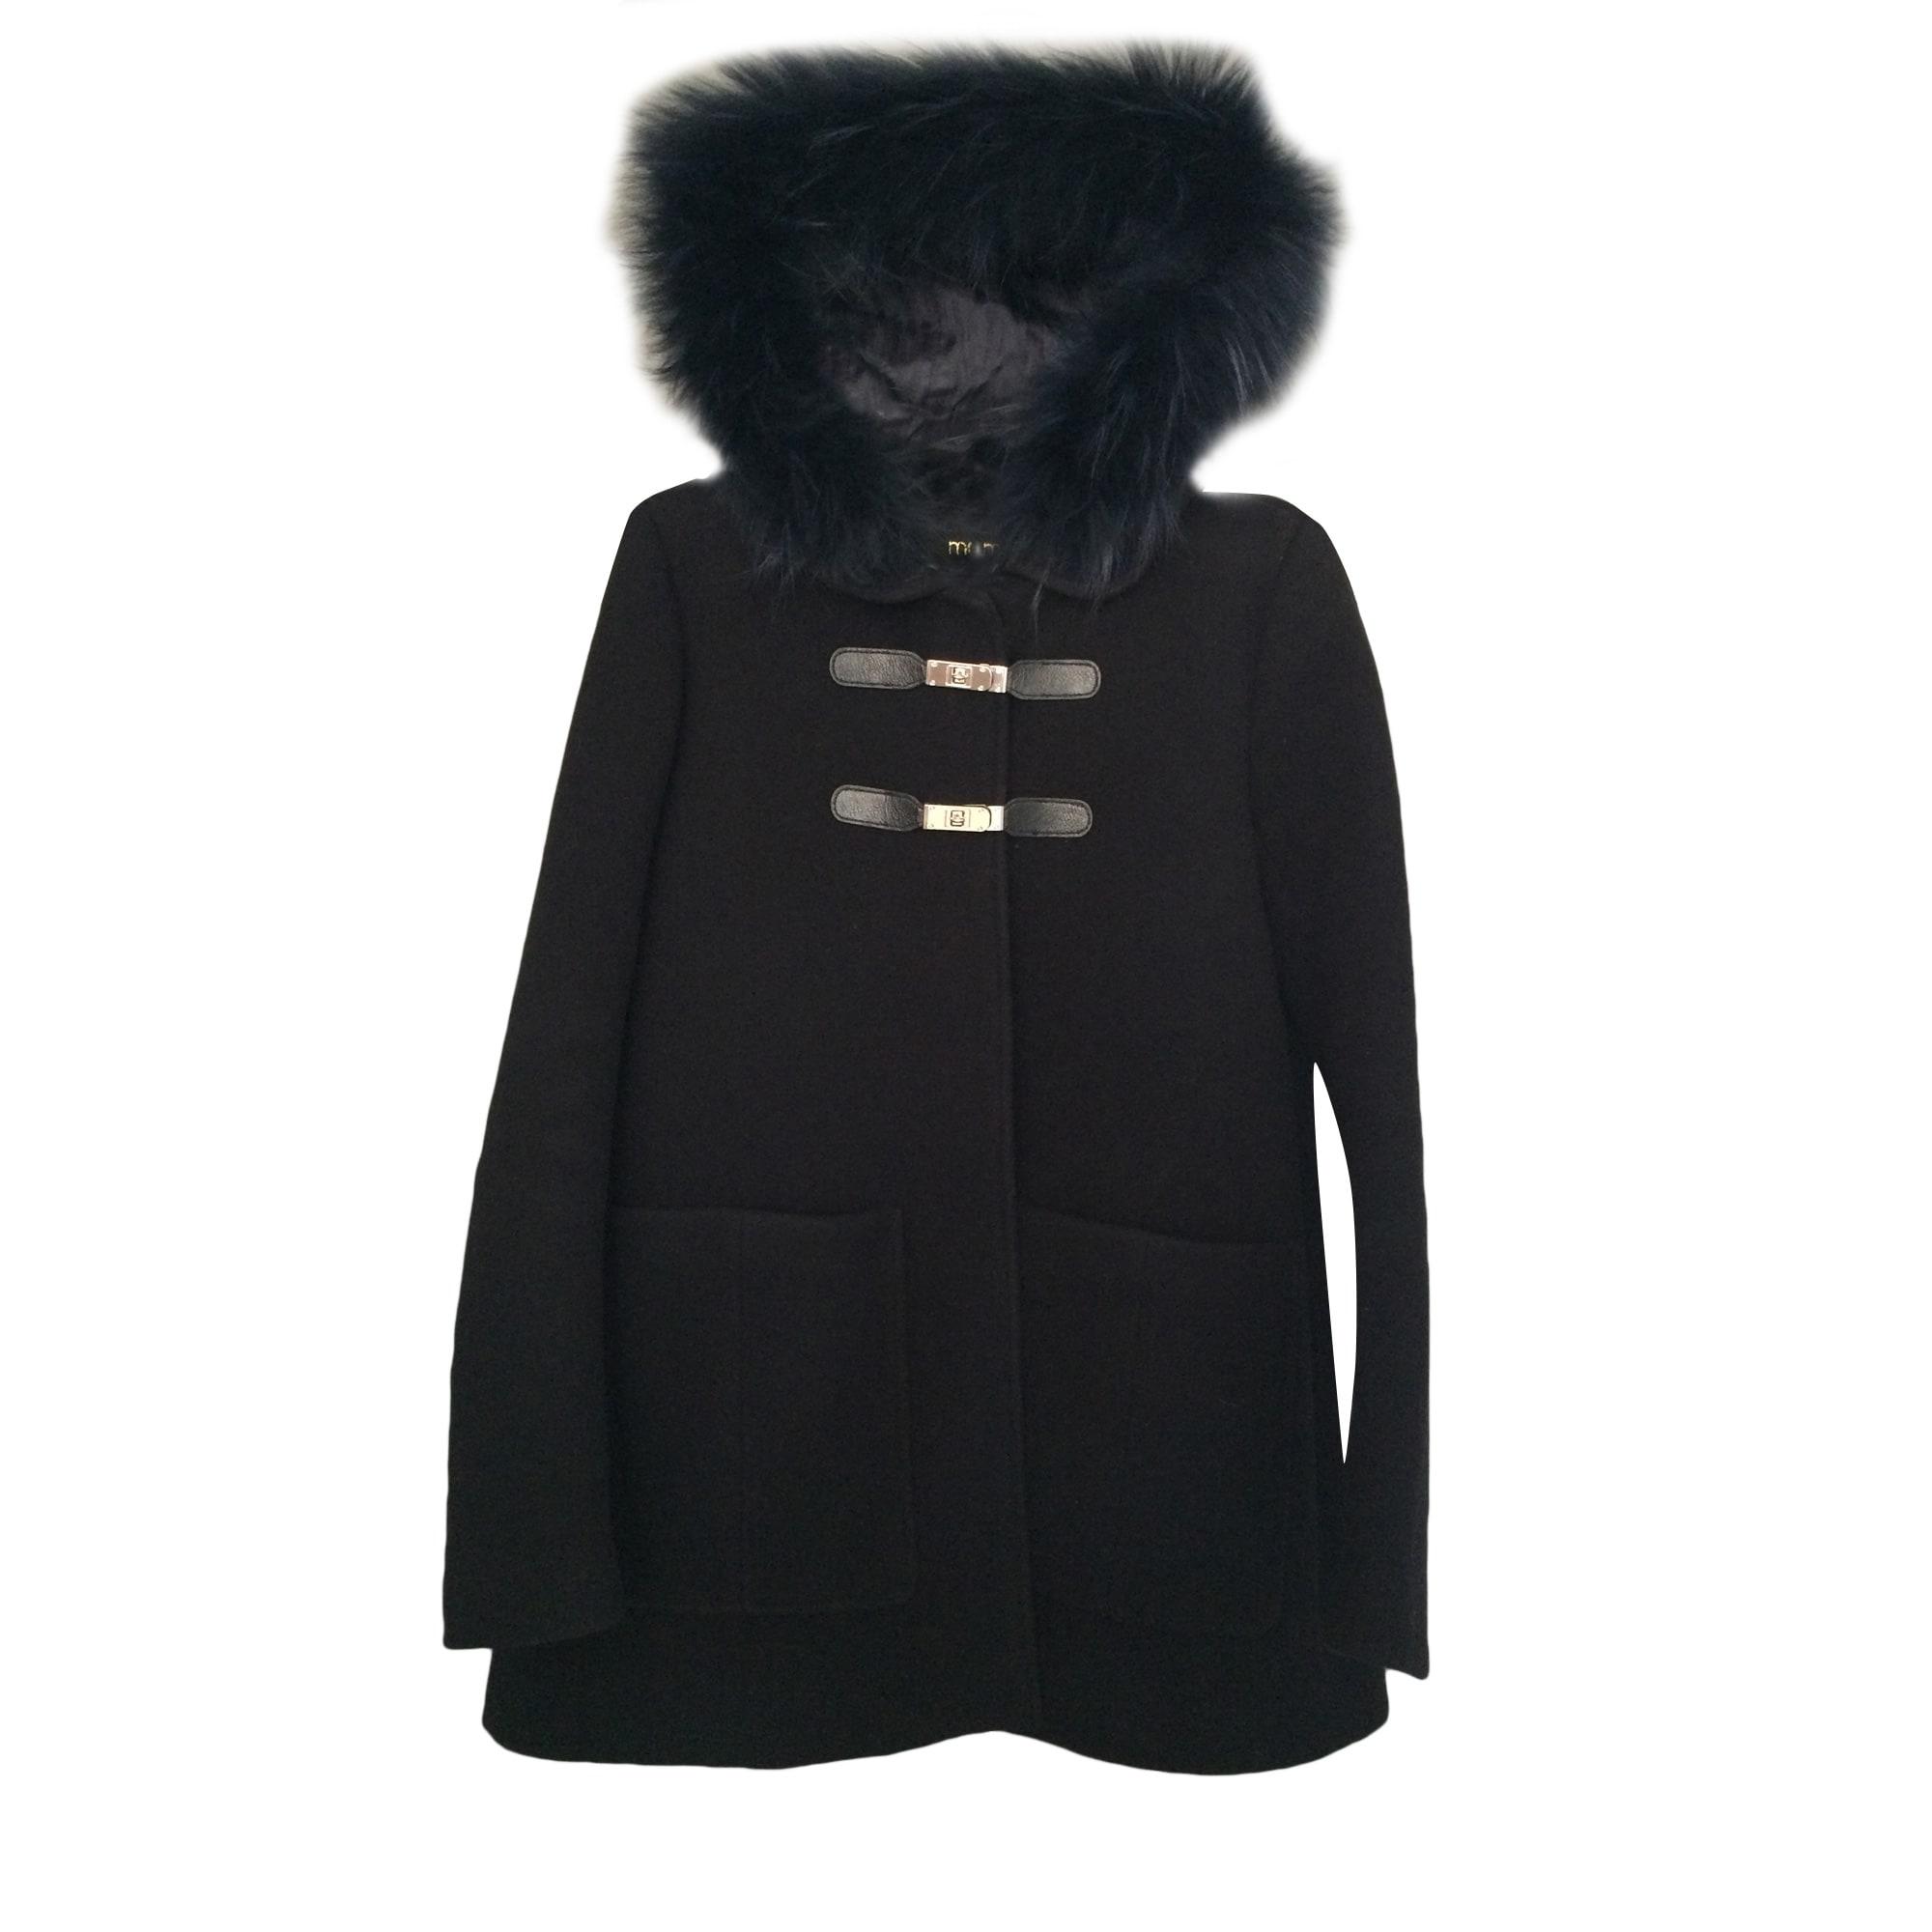 0eec59f073fe2 Manteau MAJE 36 (S, T1) noir vendu par Elo-die - 5311620